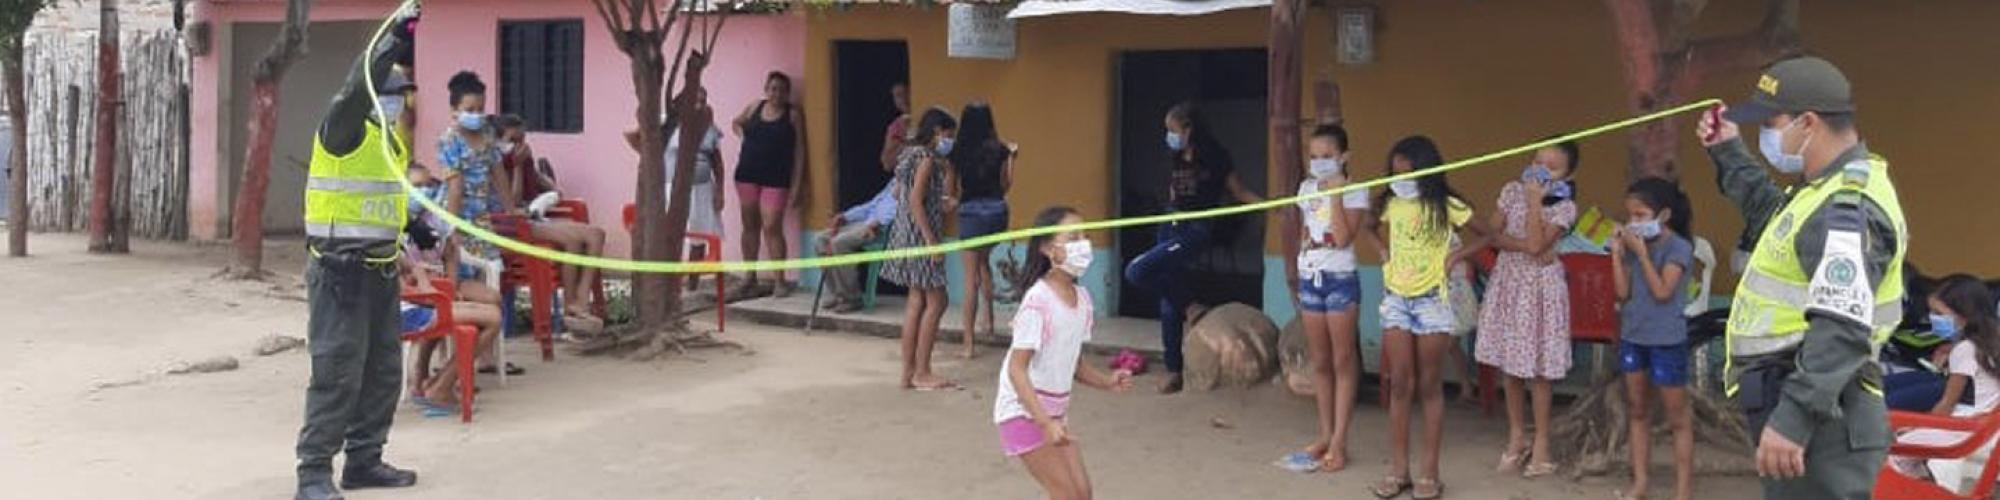 juego con los niños-Departamento de Policía Magdalena